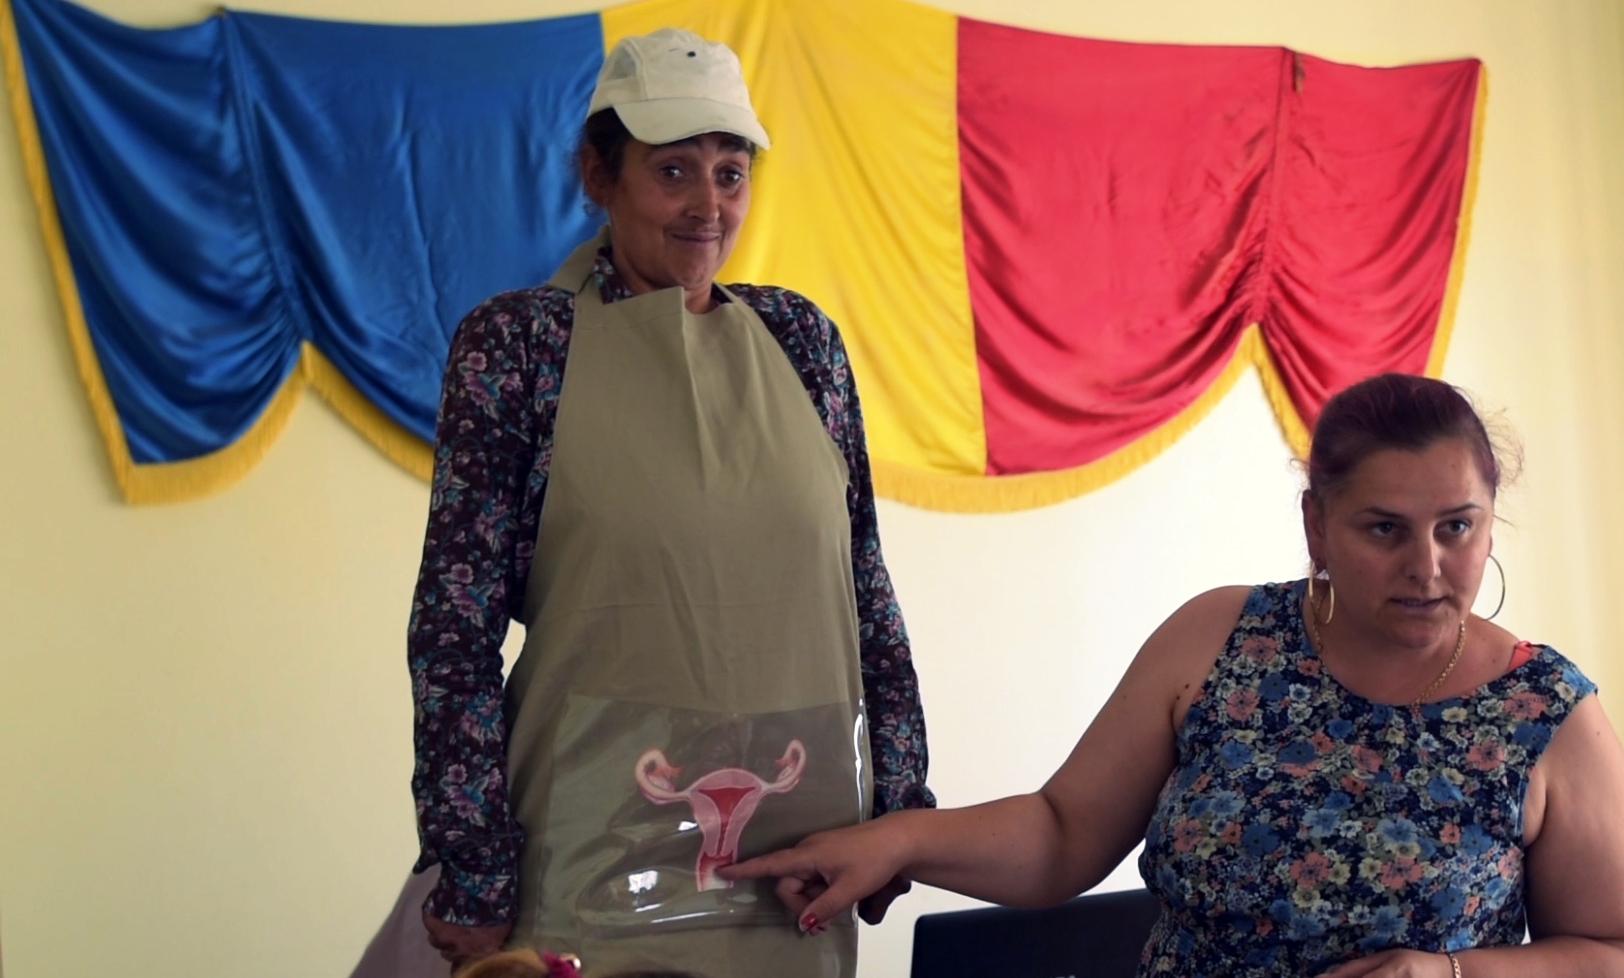 Femeile dintr-o comună vasluiană iau parte la o lecție din cadrul cursurilor pentru sănătatea reproducerii organizate de World Vision România. FOTO: Recorder